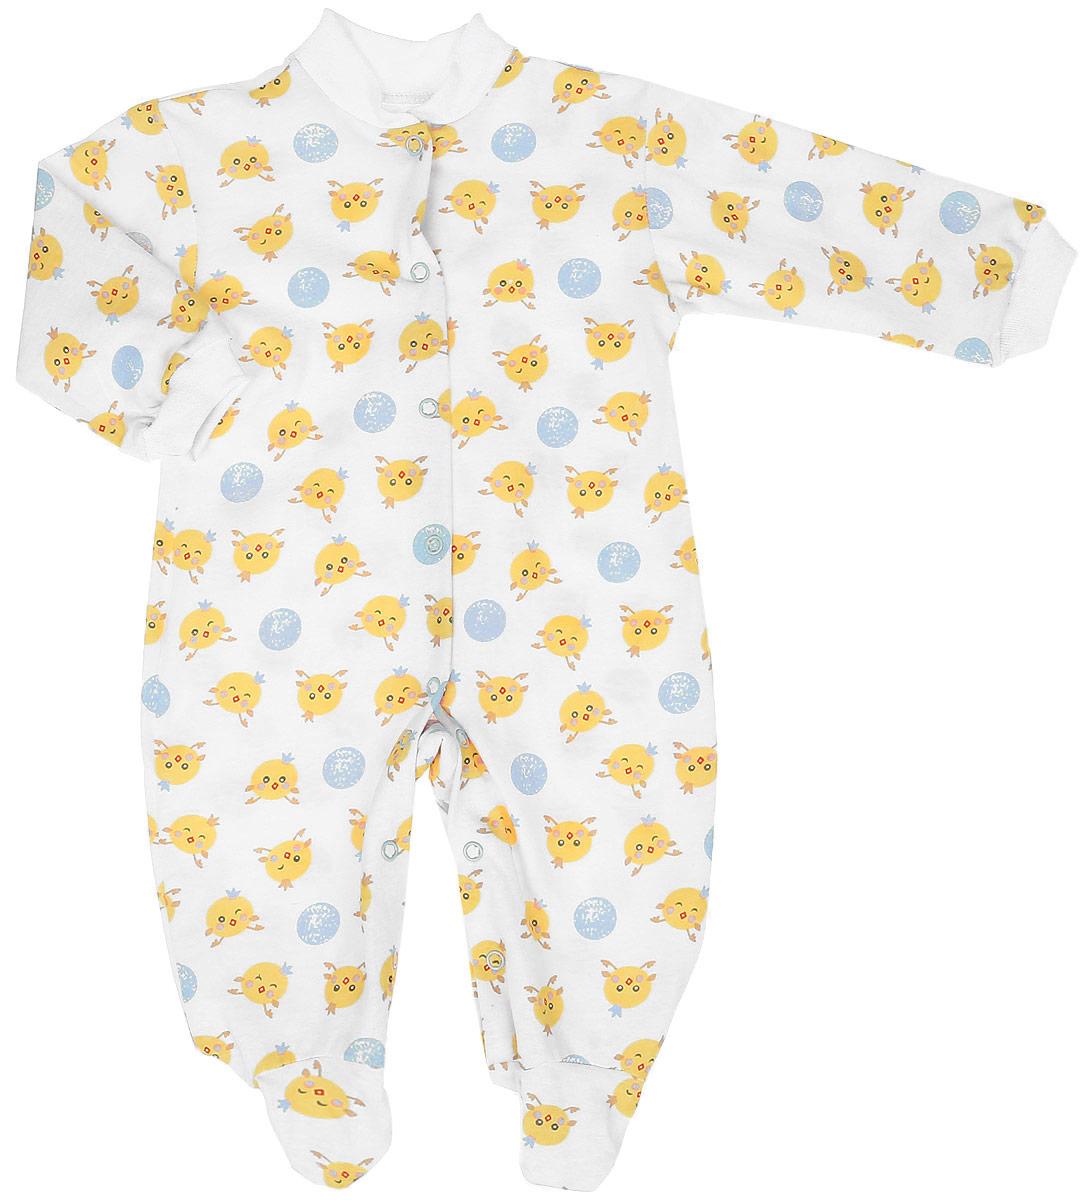 Комбинезон детский Чудесные одежки, цвет: белый, голубой. 5801. Размер 865801Удобный детский комбинезон Чудесные одежки выполнен из натурального хлопка.Комбинезон с небольшим воротником-стойкой, длинными рукавами и закрытыми ножками имеет застежки-кнопки спереди и на ластовице, которые помогают легко переодеть младенца или сменить подгузник. Воротничок и манжеты на рукавах выполнены из трикотажной эластичной резинки. Изделие оформлено принтом с изображением цыплят.